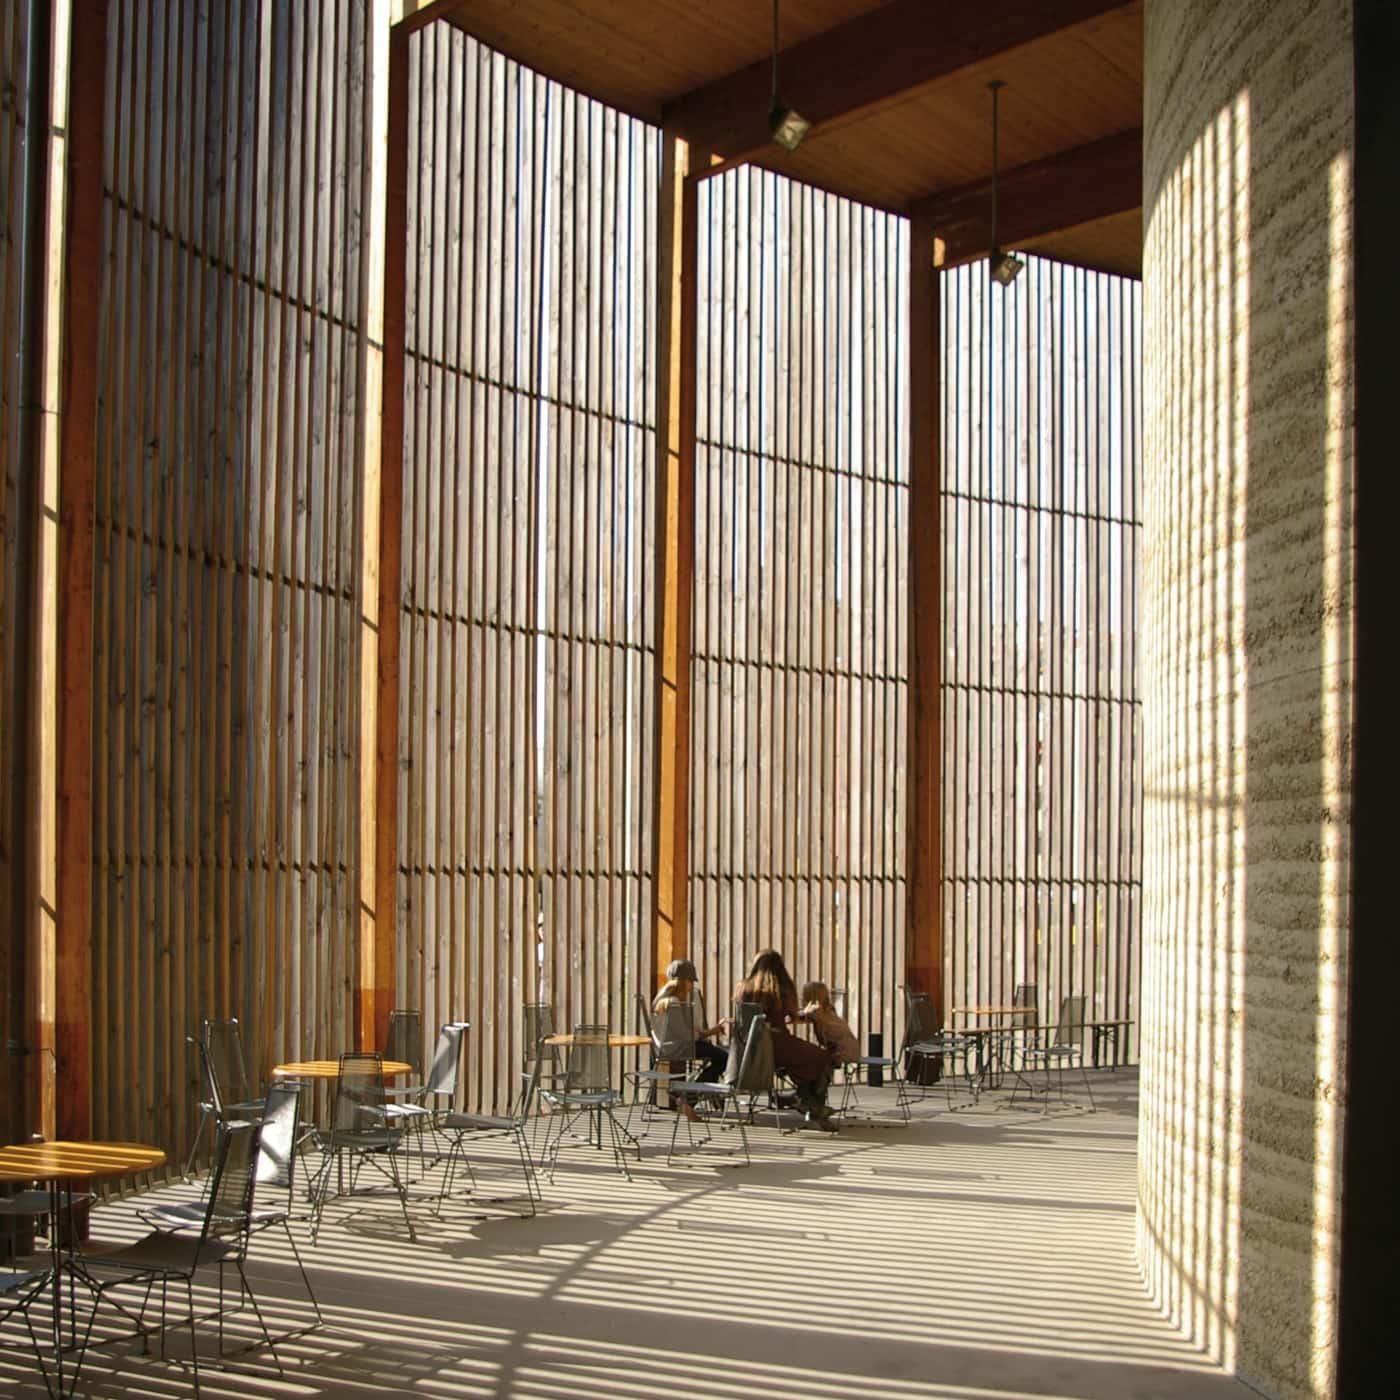 Stadtwandel Berlin: Kapelle der Versöhnung 2012 // HIMBEER